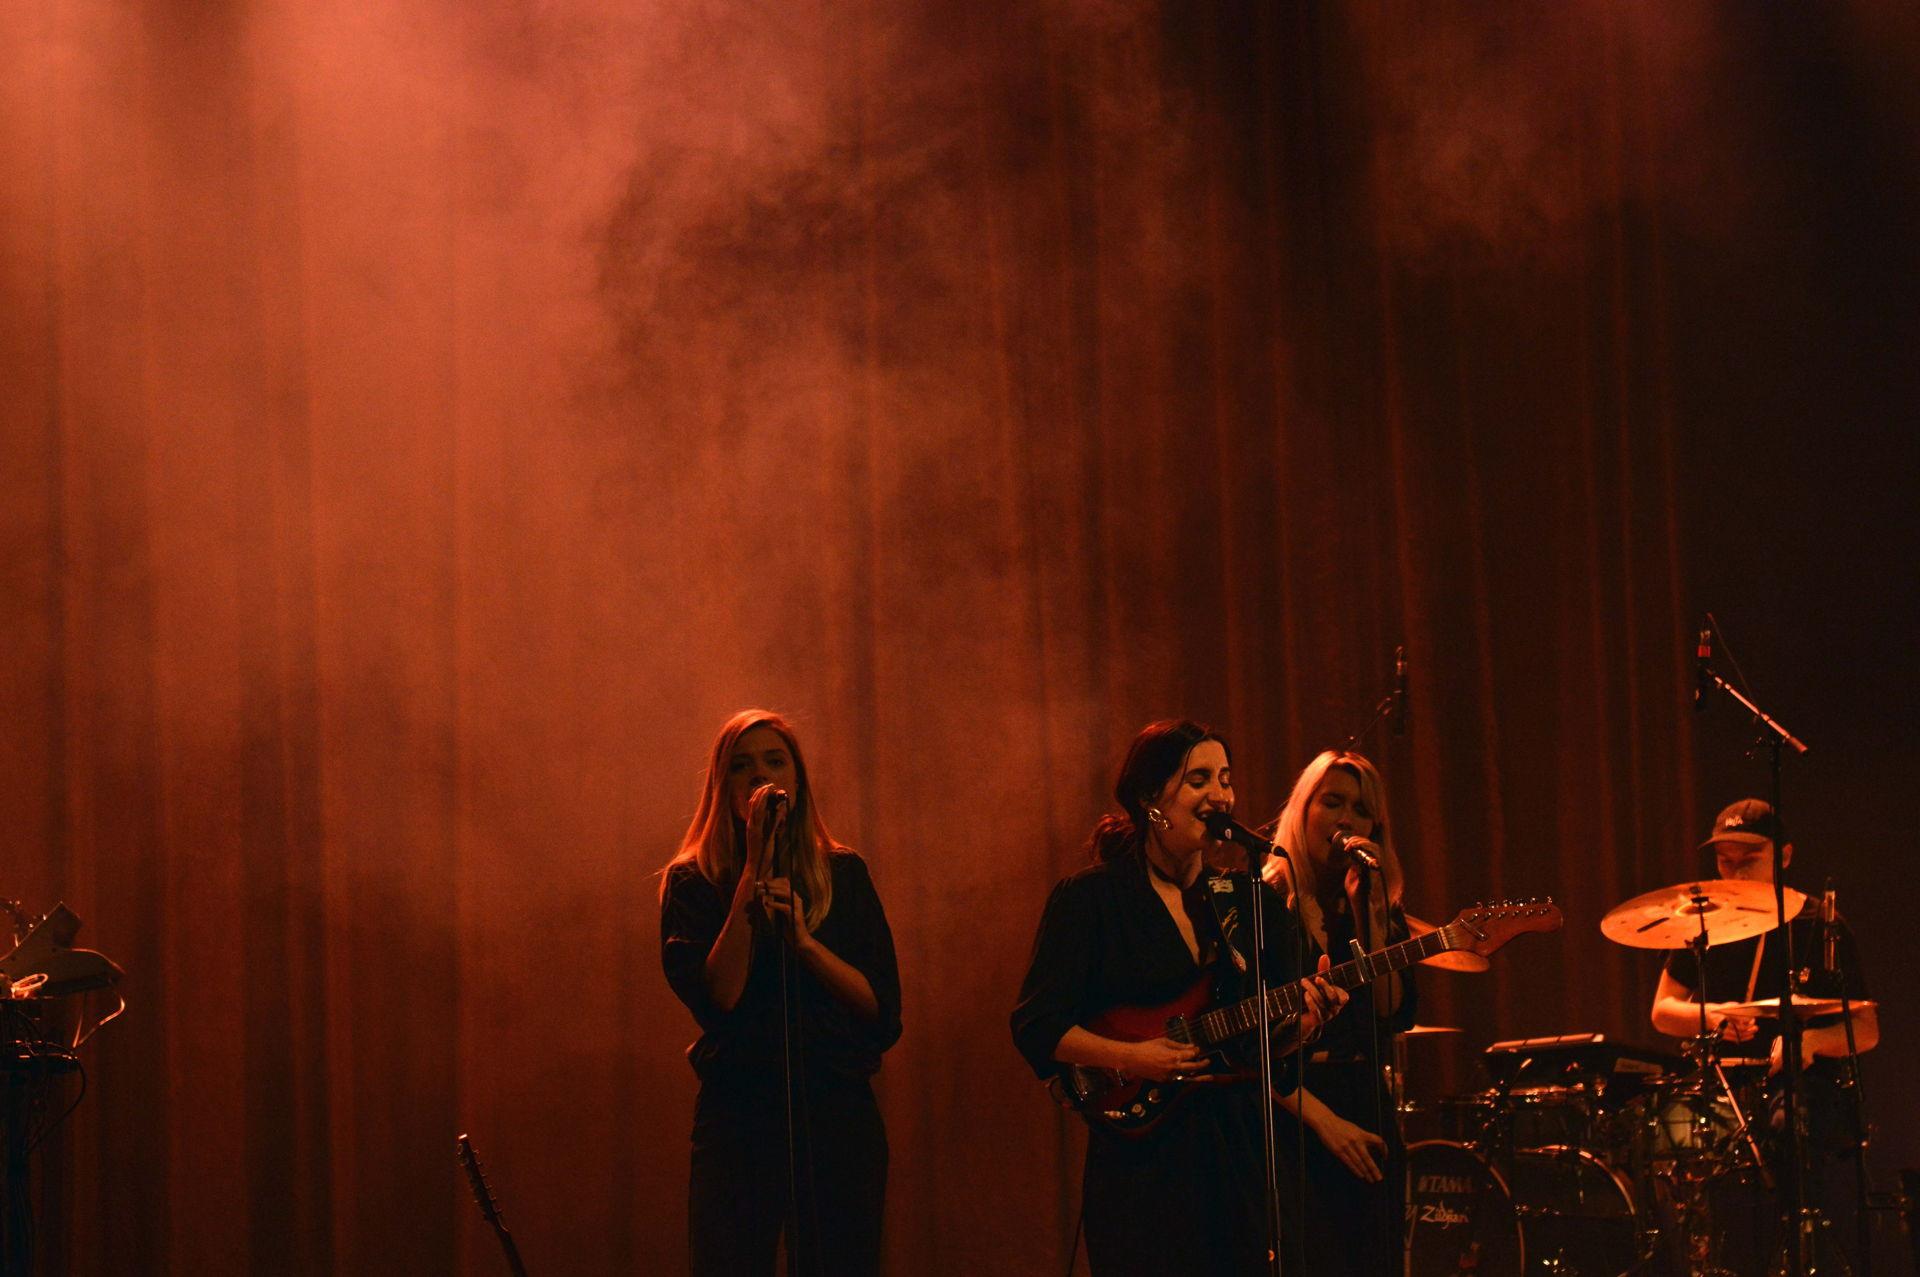 Eefje de Visser trad op tijdens Locked & Live, dit keer niet vanuit Het Podium, maar vanuit Theater De Tamboer